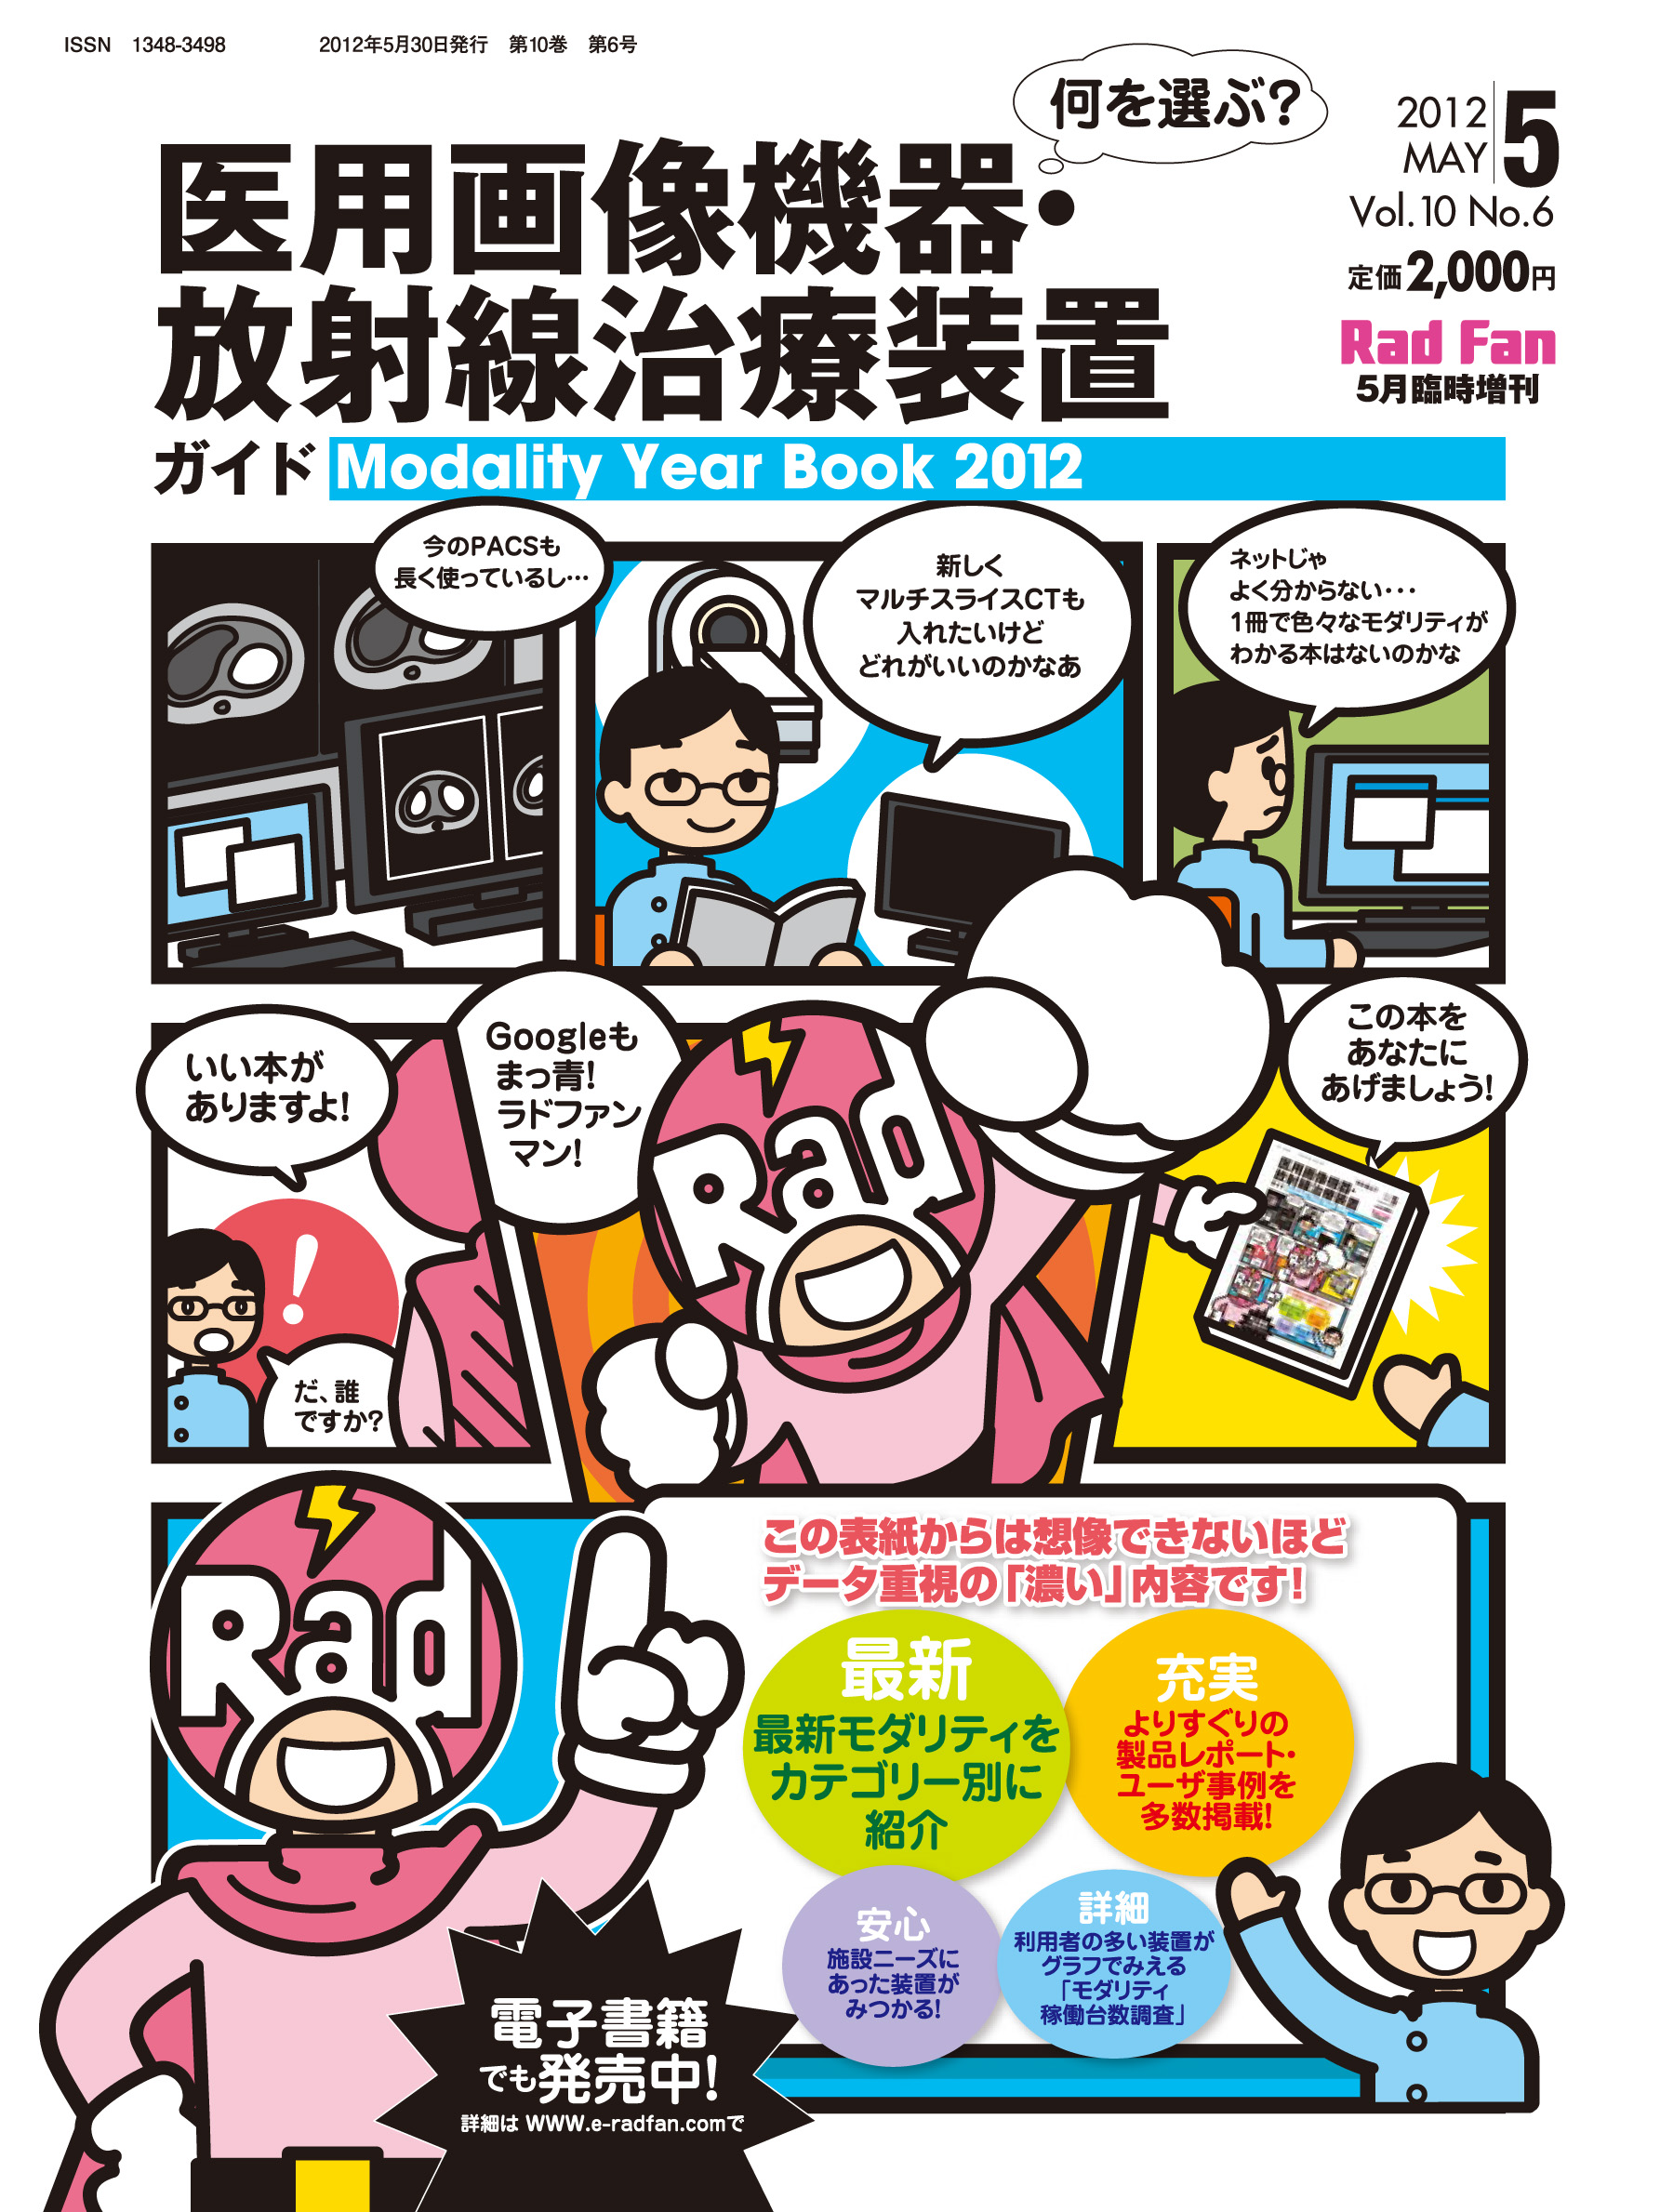 RadFan 2012年5月臨時増刊号